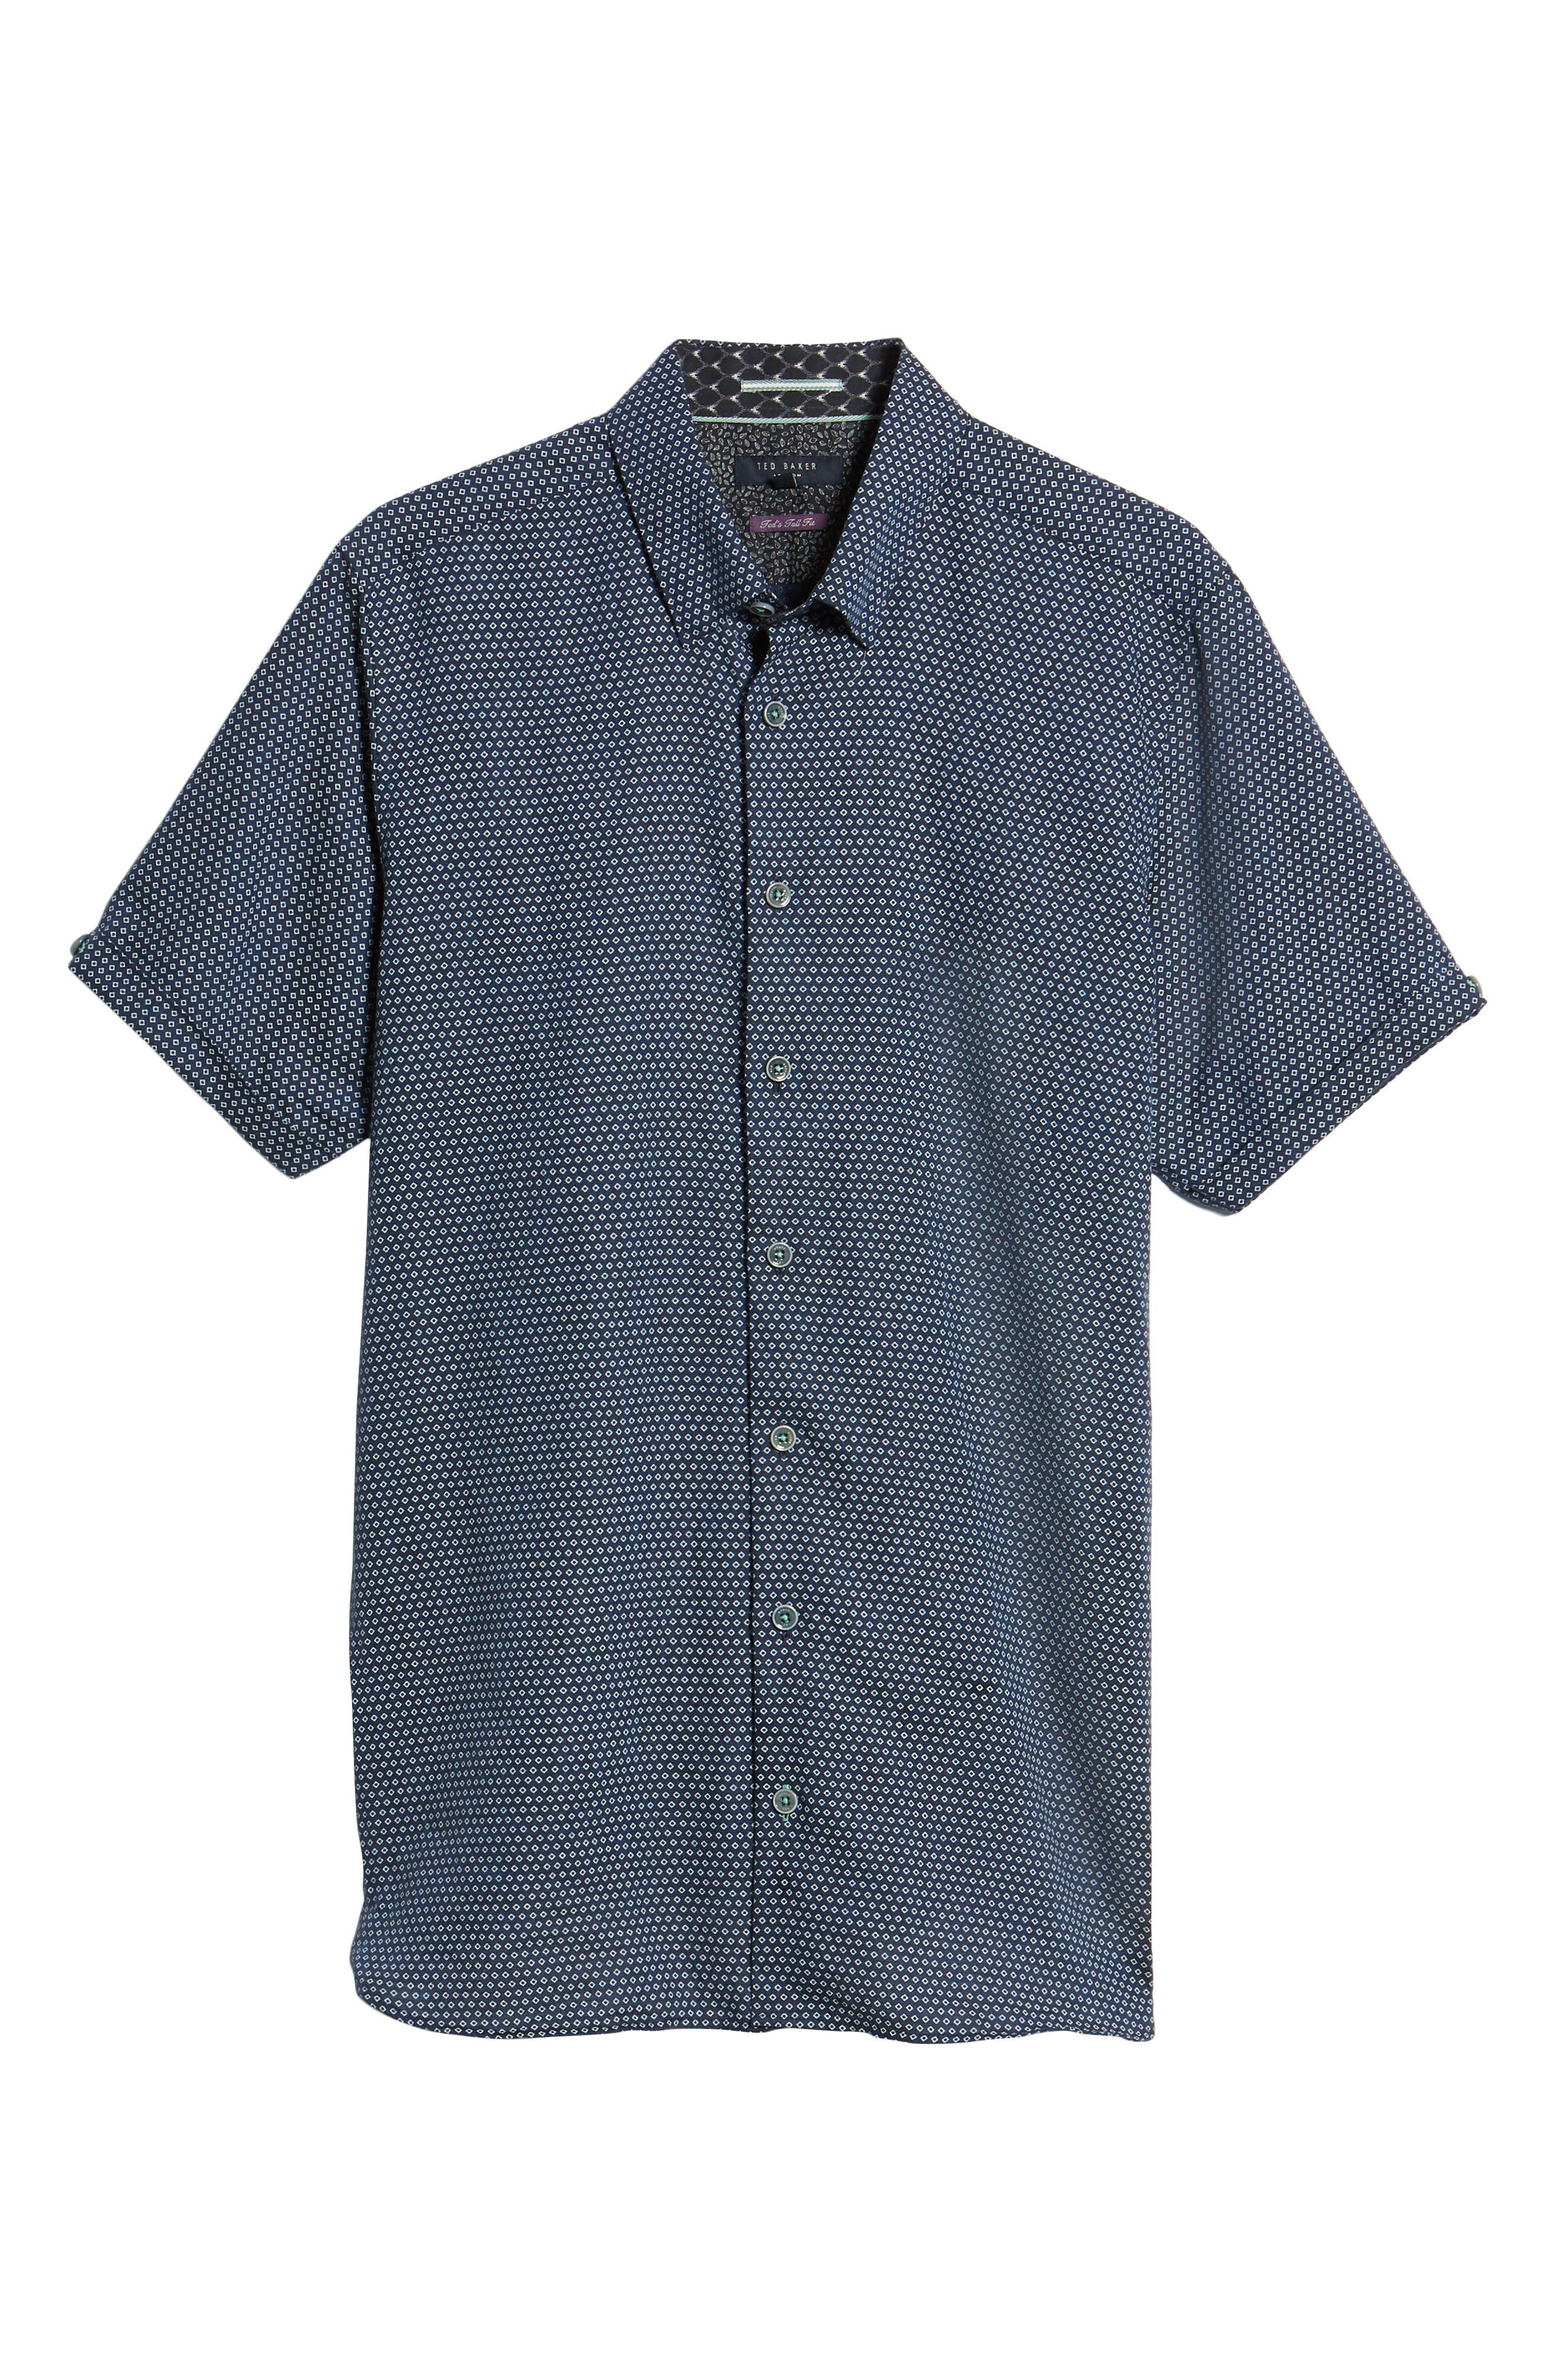 Sirobtt Short Sleeve Sport Shirt,                             Alternate thumbnail 12, color,